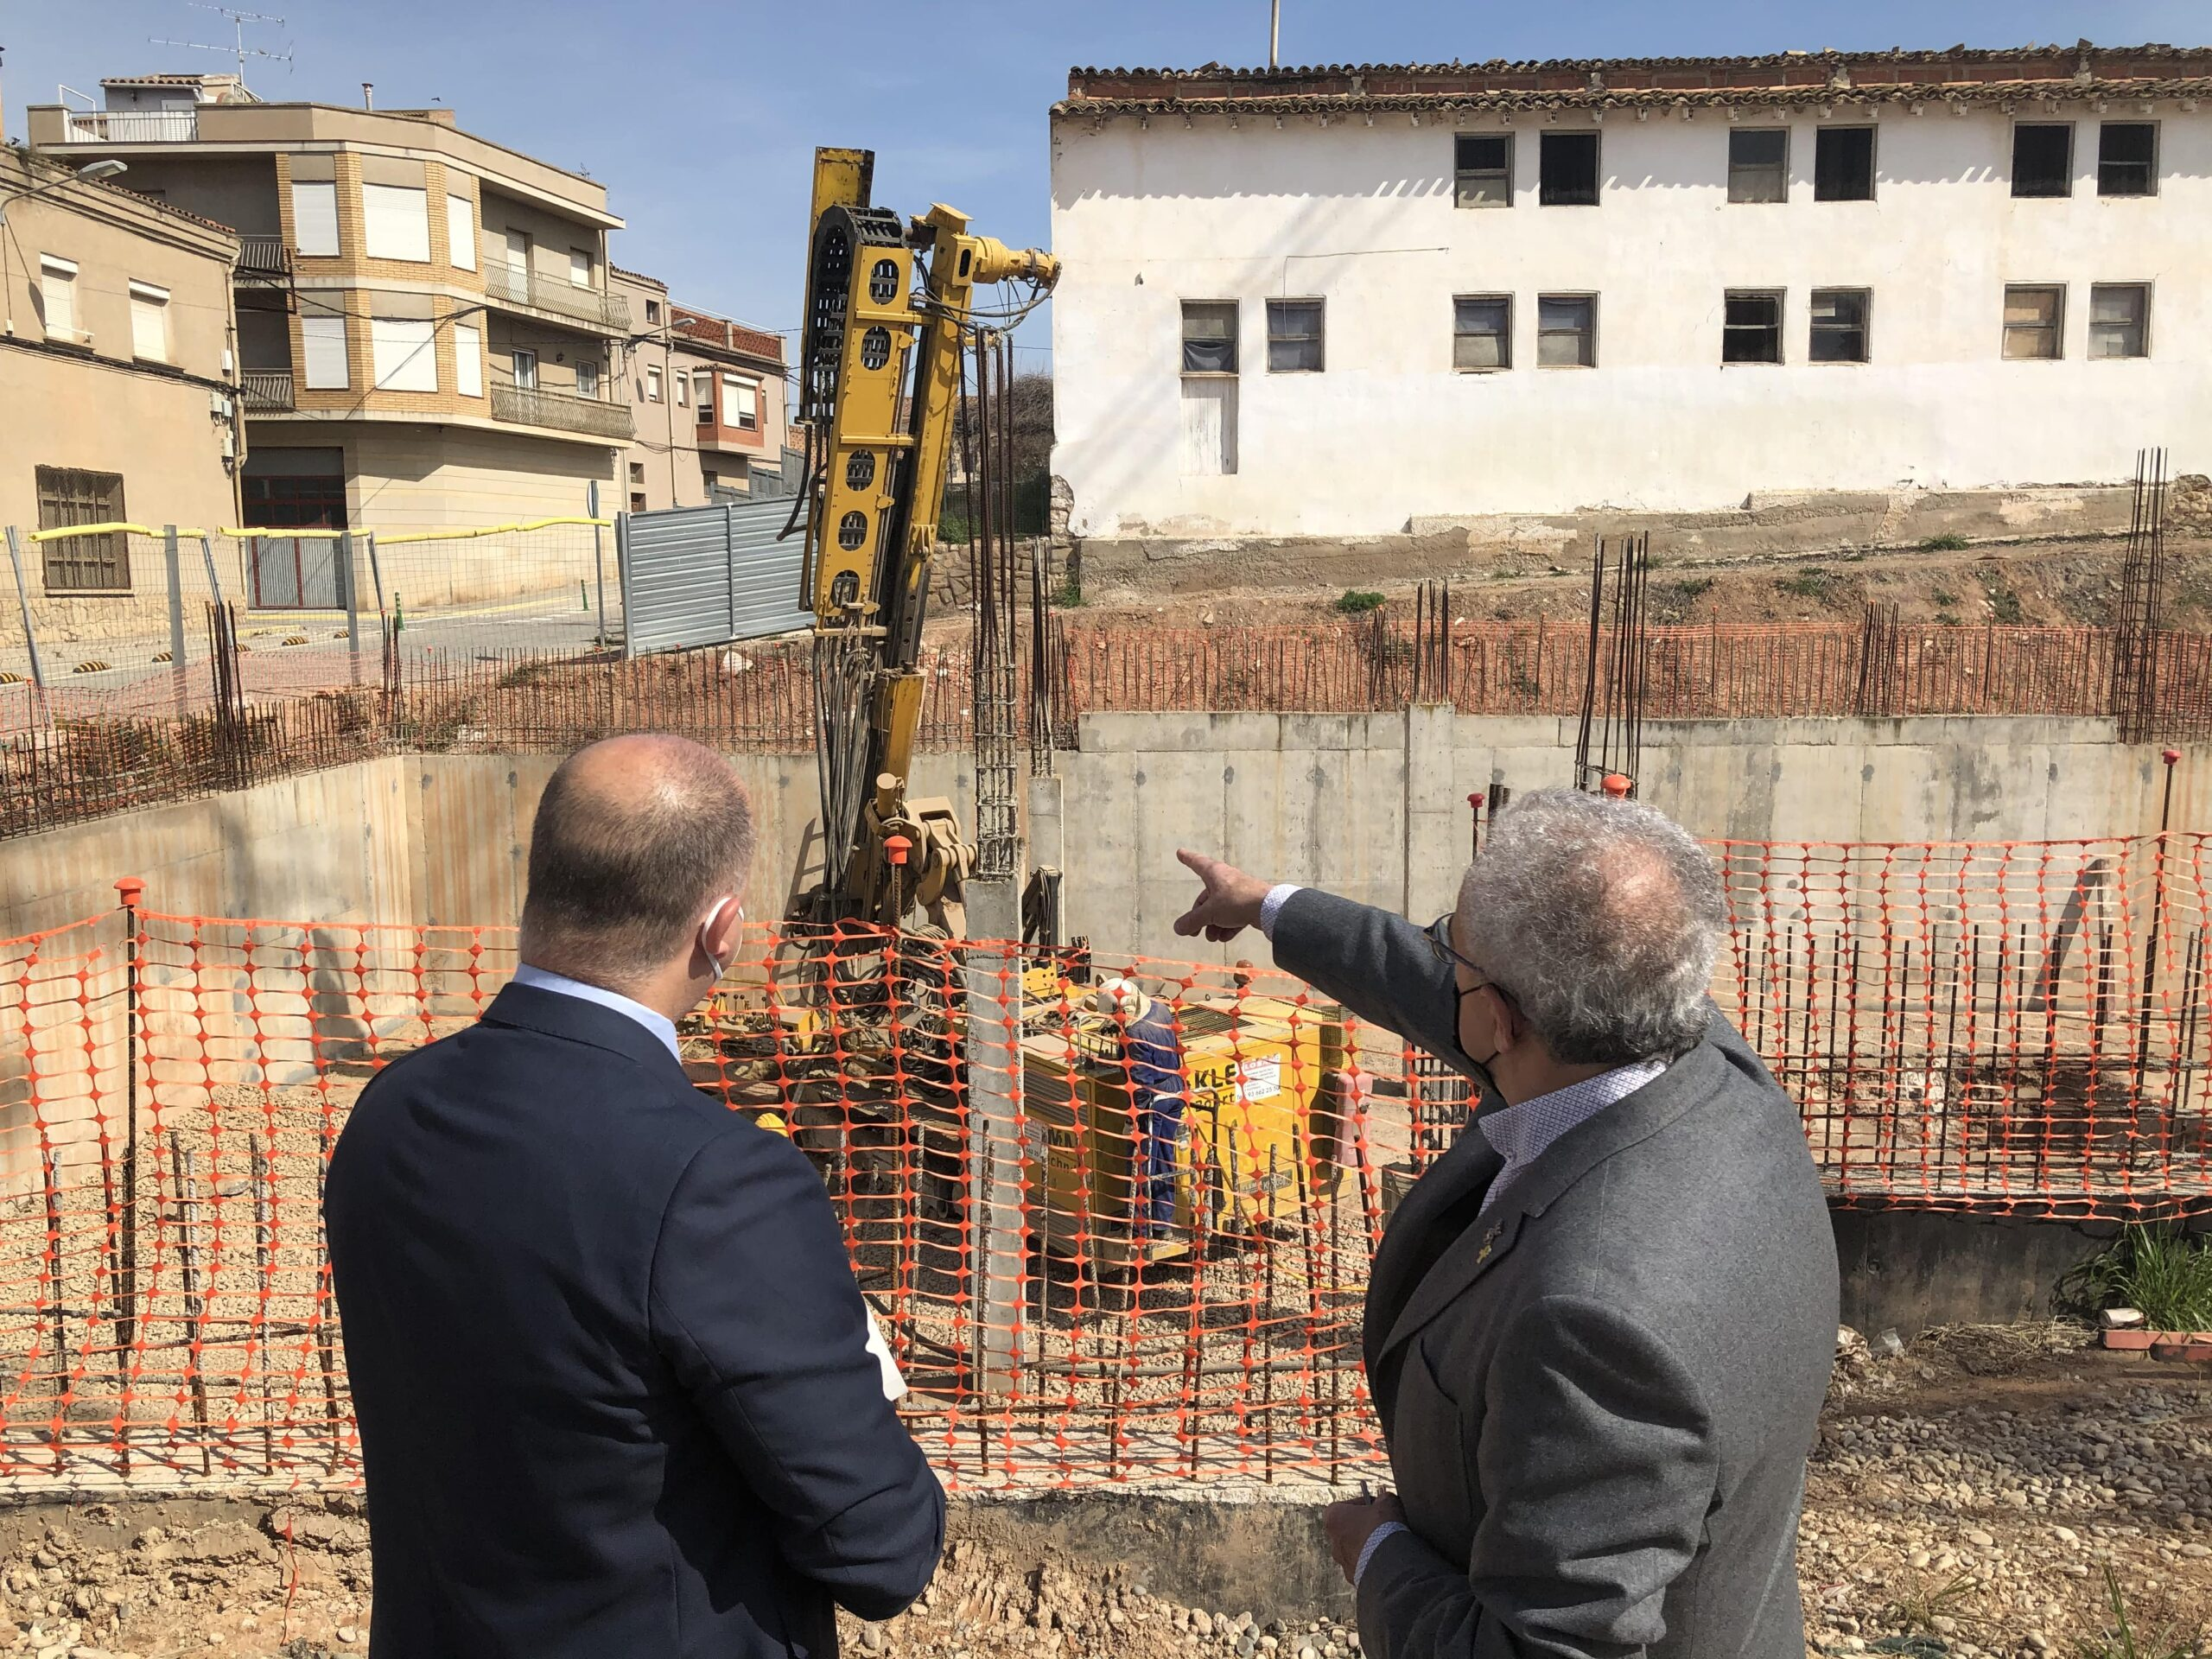 El pressupost 2021 de les Borges creix en més d'1,5 milions d'euros